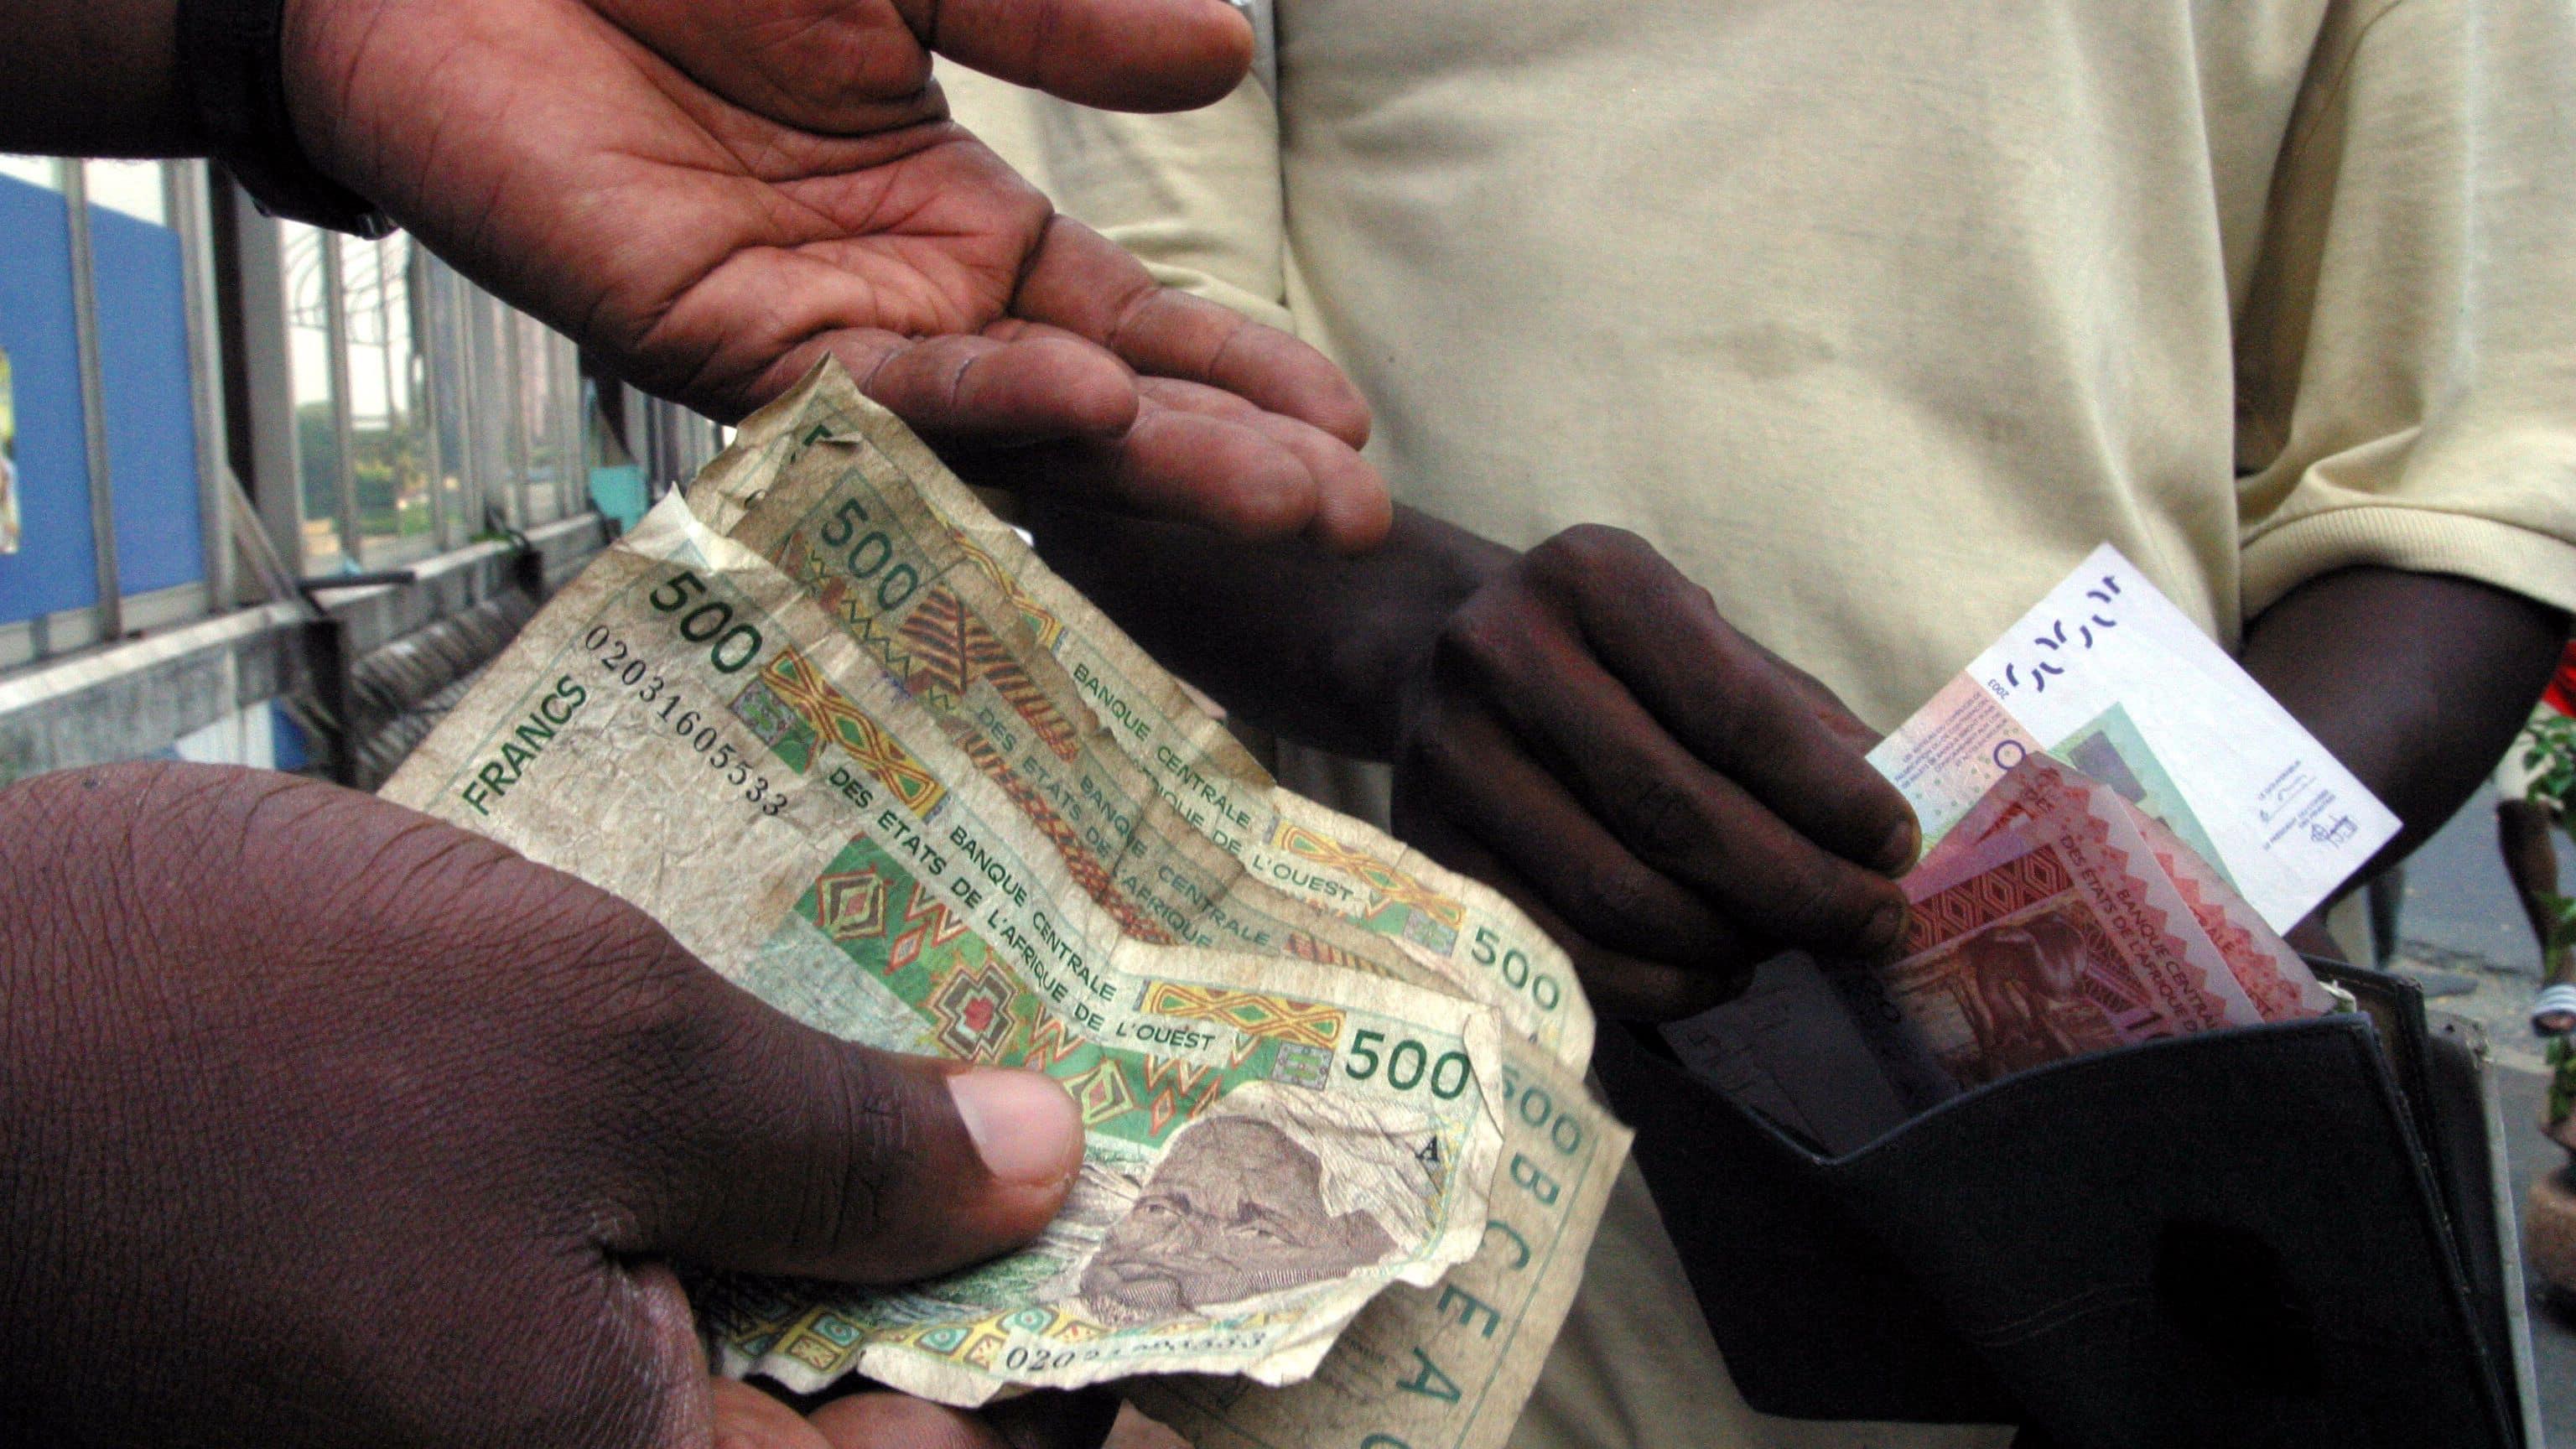 Dos hombres intercambian billetes de francos CFA. Foto: Thierry Guegnon PW/SM.